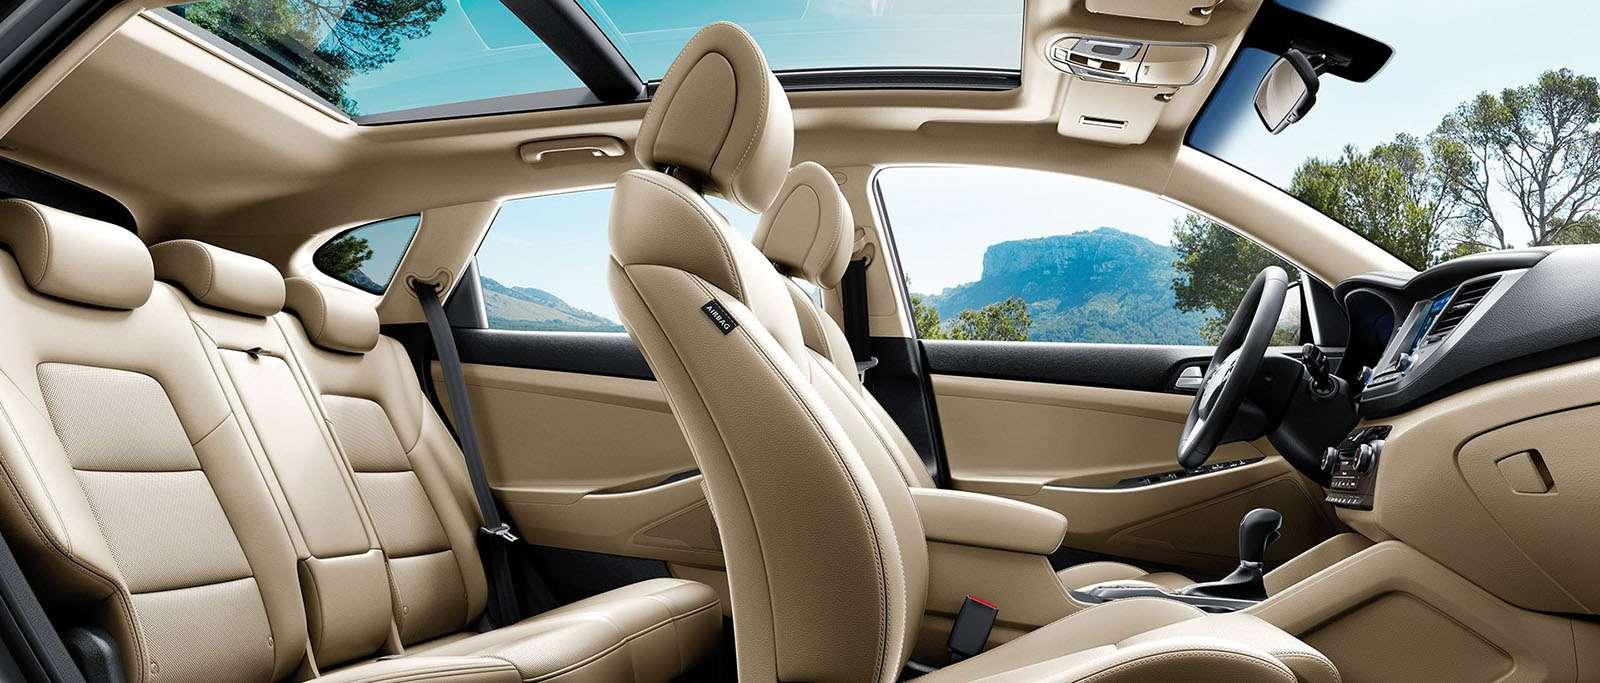 Hyundai Tucson или Santa Fe: на что потратить два миллиона рублей? — фото 601183